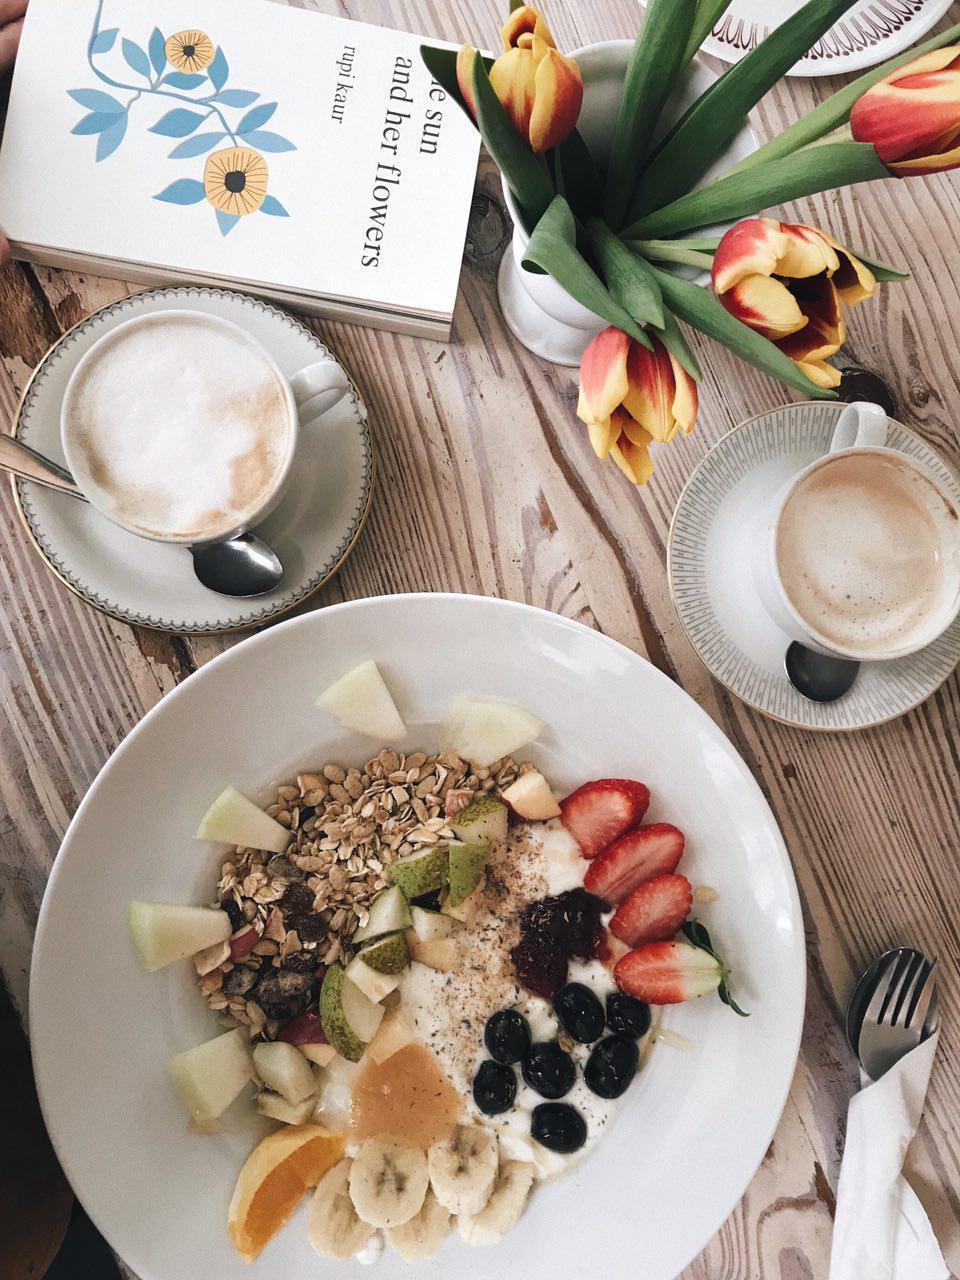 #2 Beautiful Bonn: Breakfast in aBowl